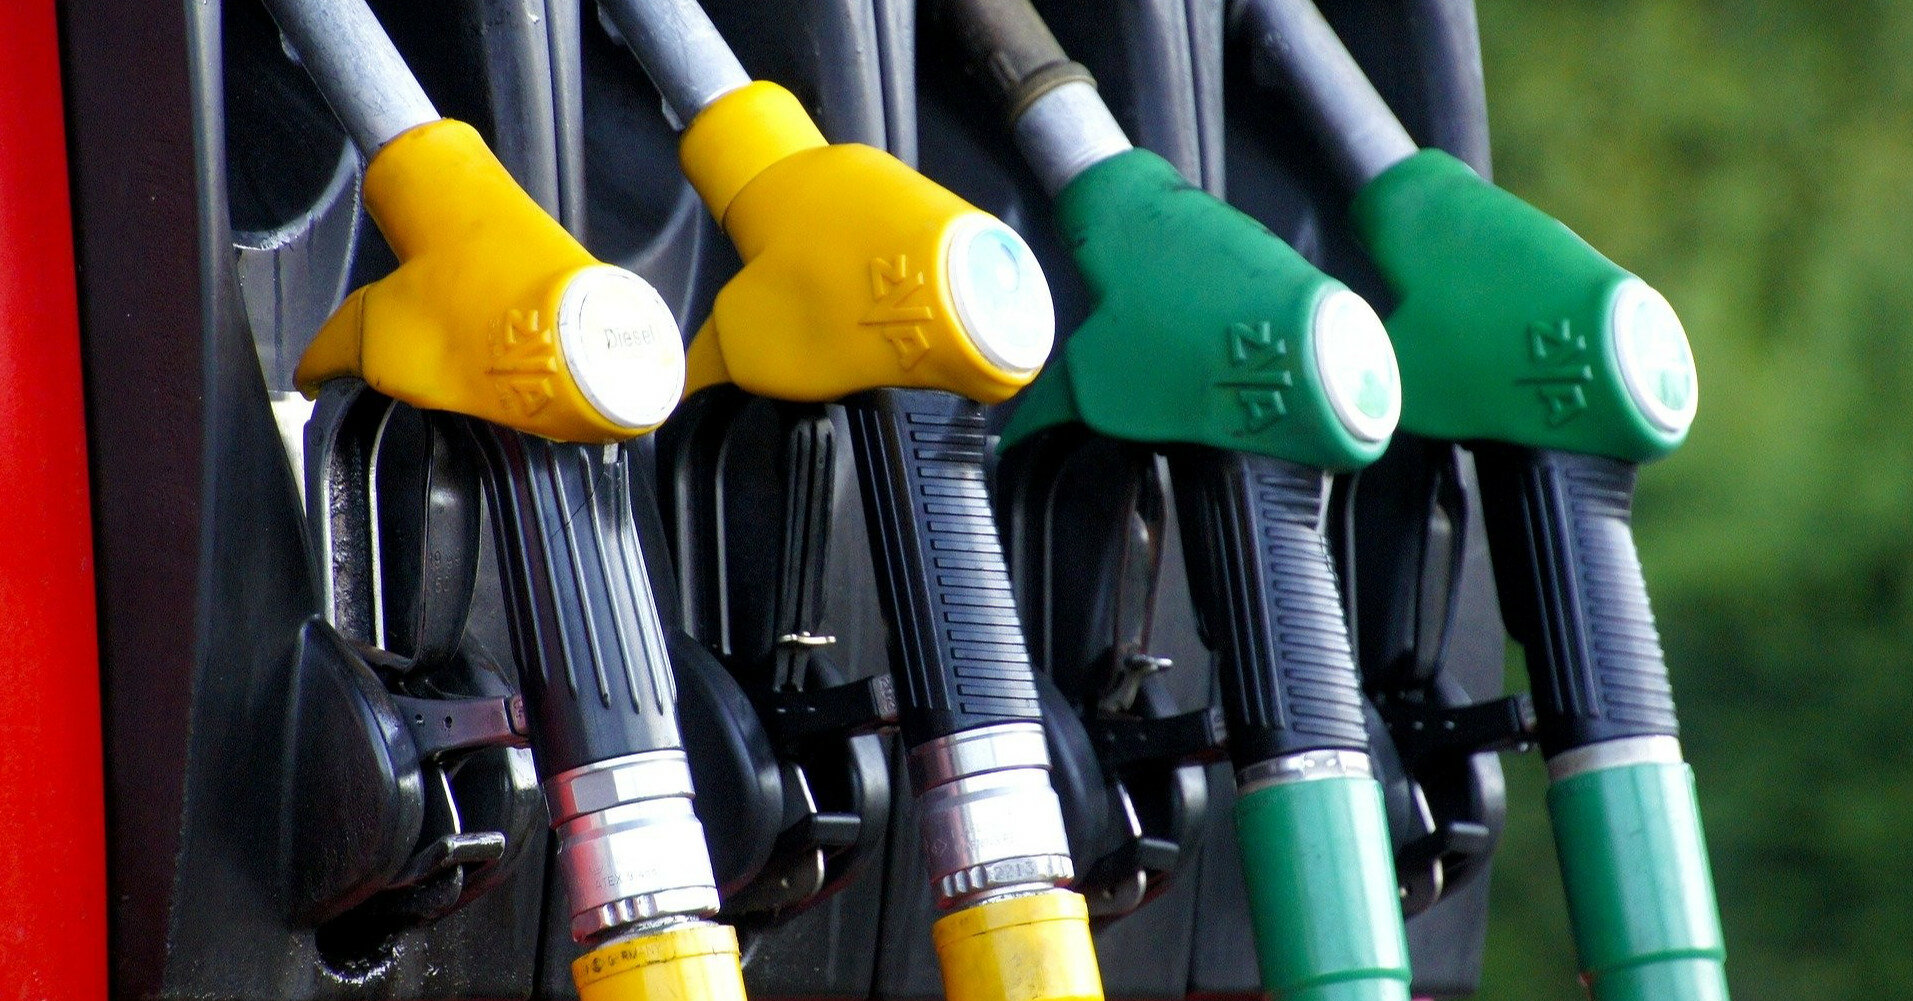 Украина получит из Беларуси в 5 раз меньше нормы бензина